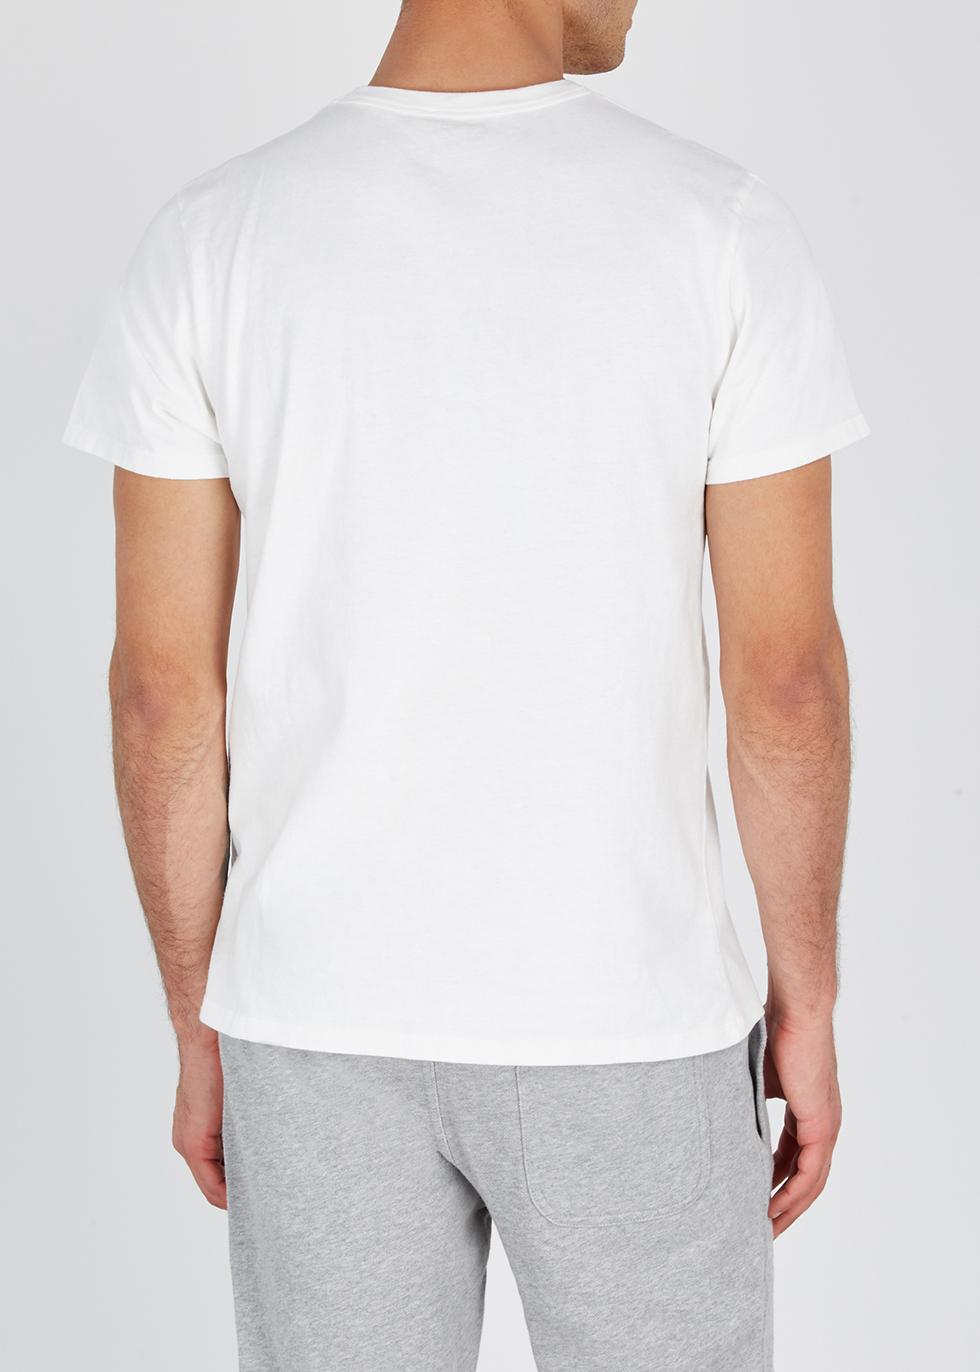 Parisien white cotton T-shirt - Maison Kitsuné